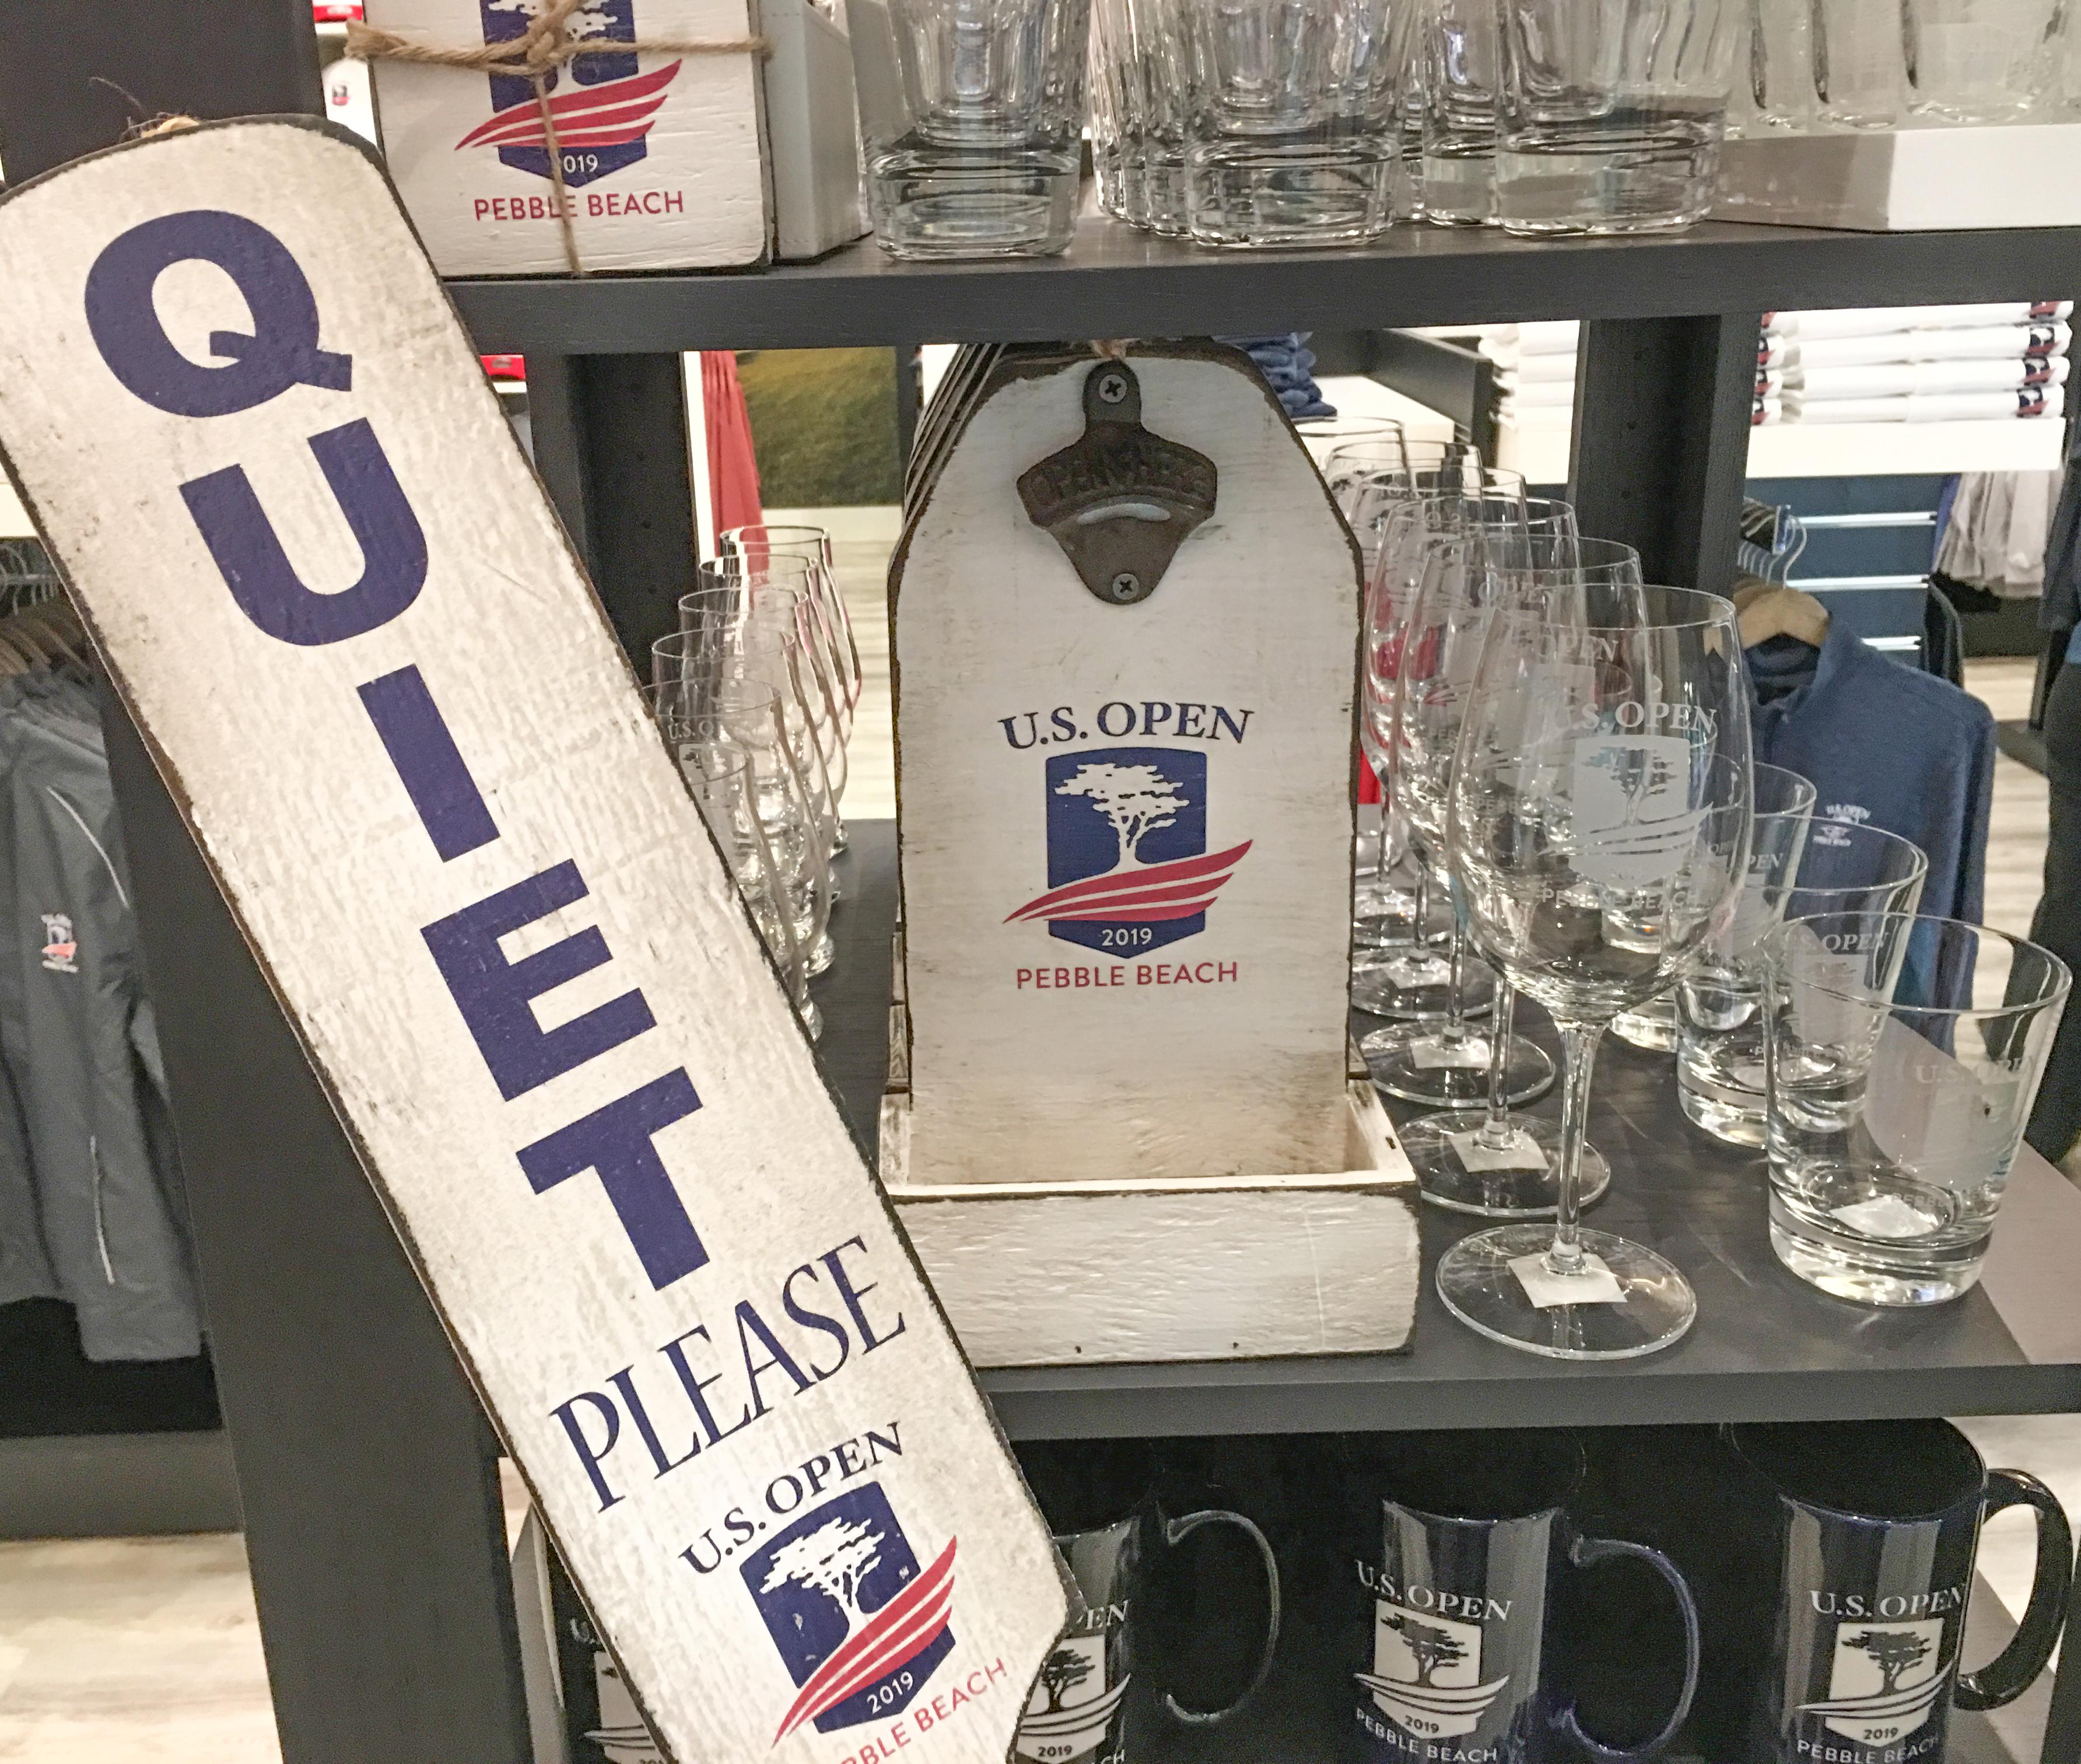 U.S. Open Shop Merchandise